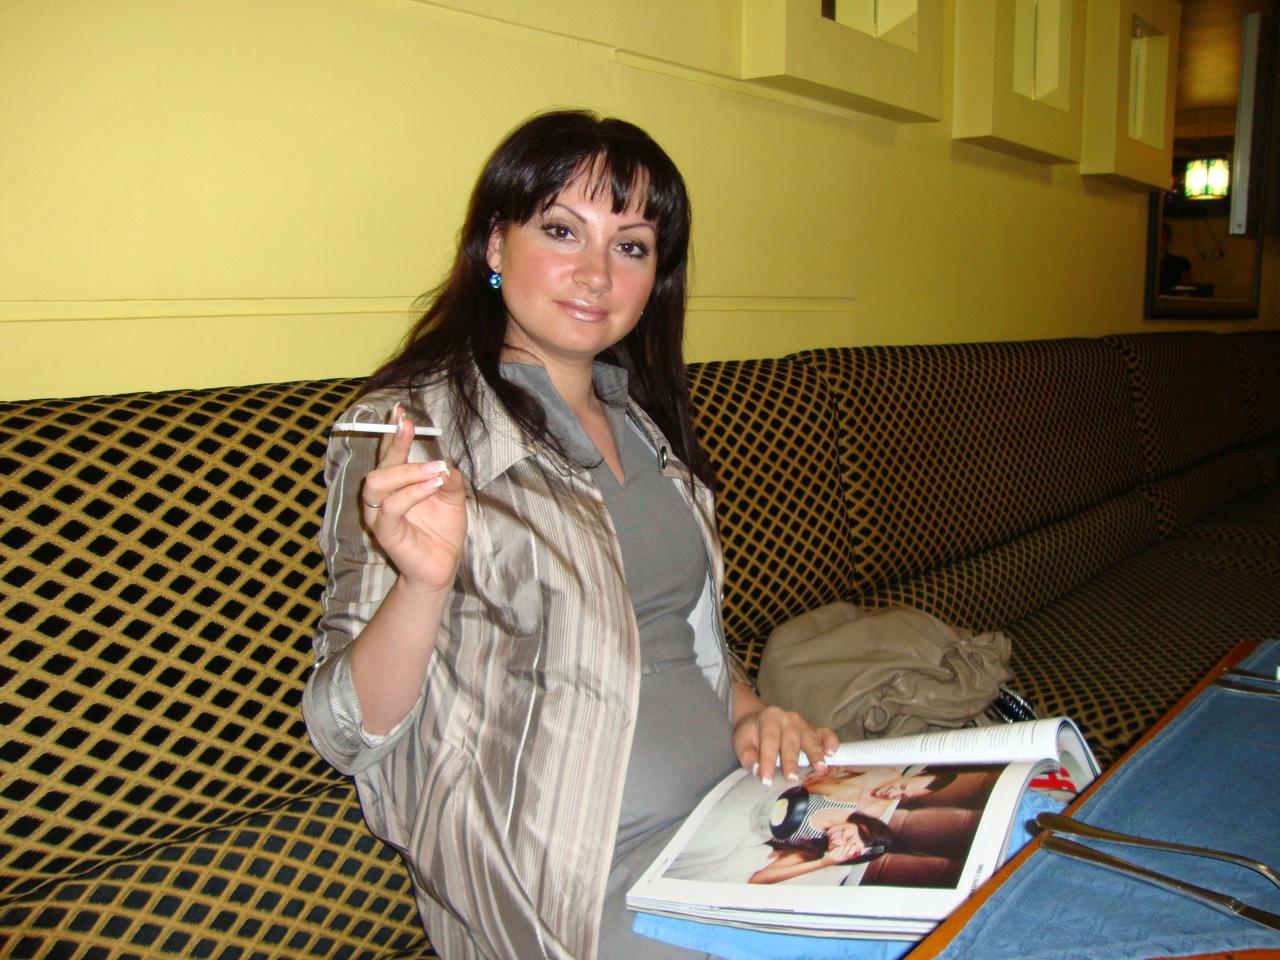 Российская певица Жанна Роштакова умерла в возрасте 33 лет